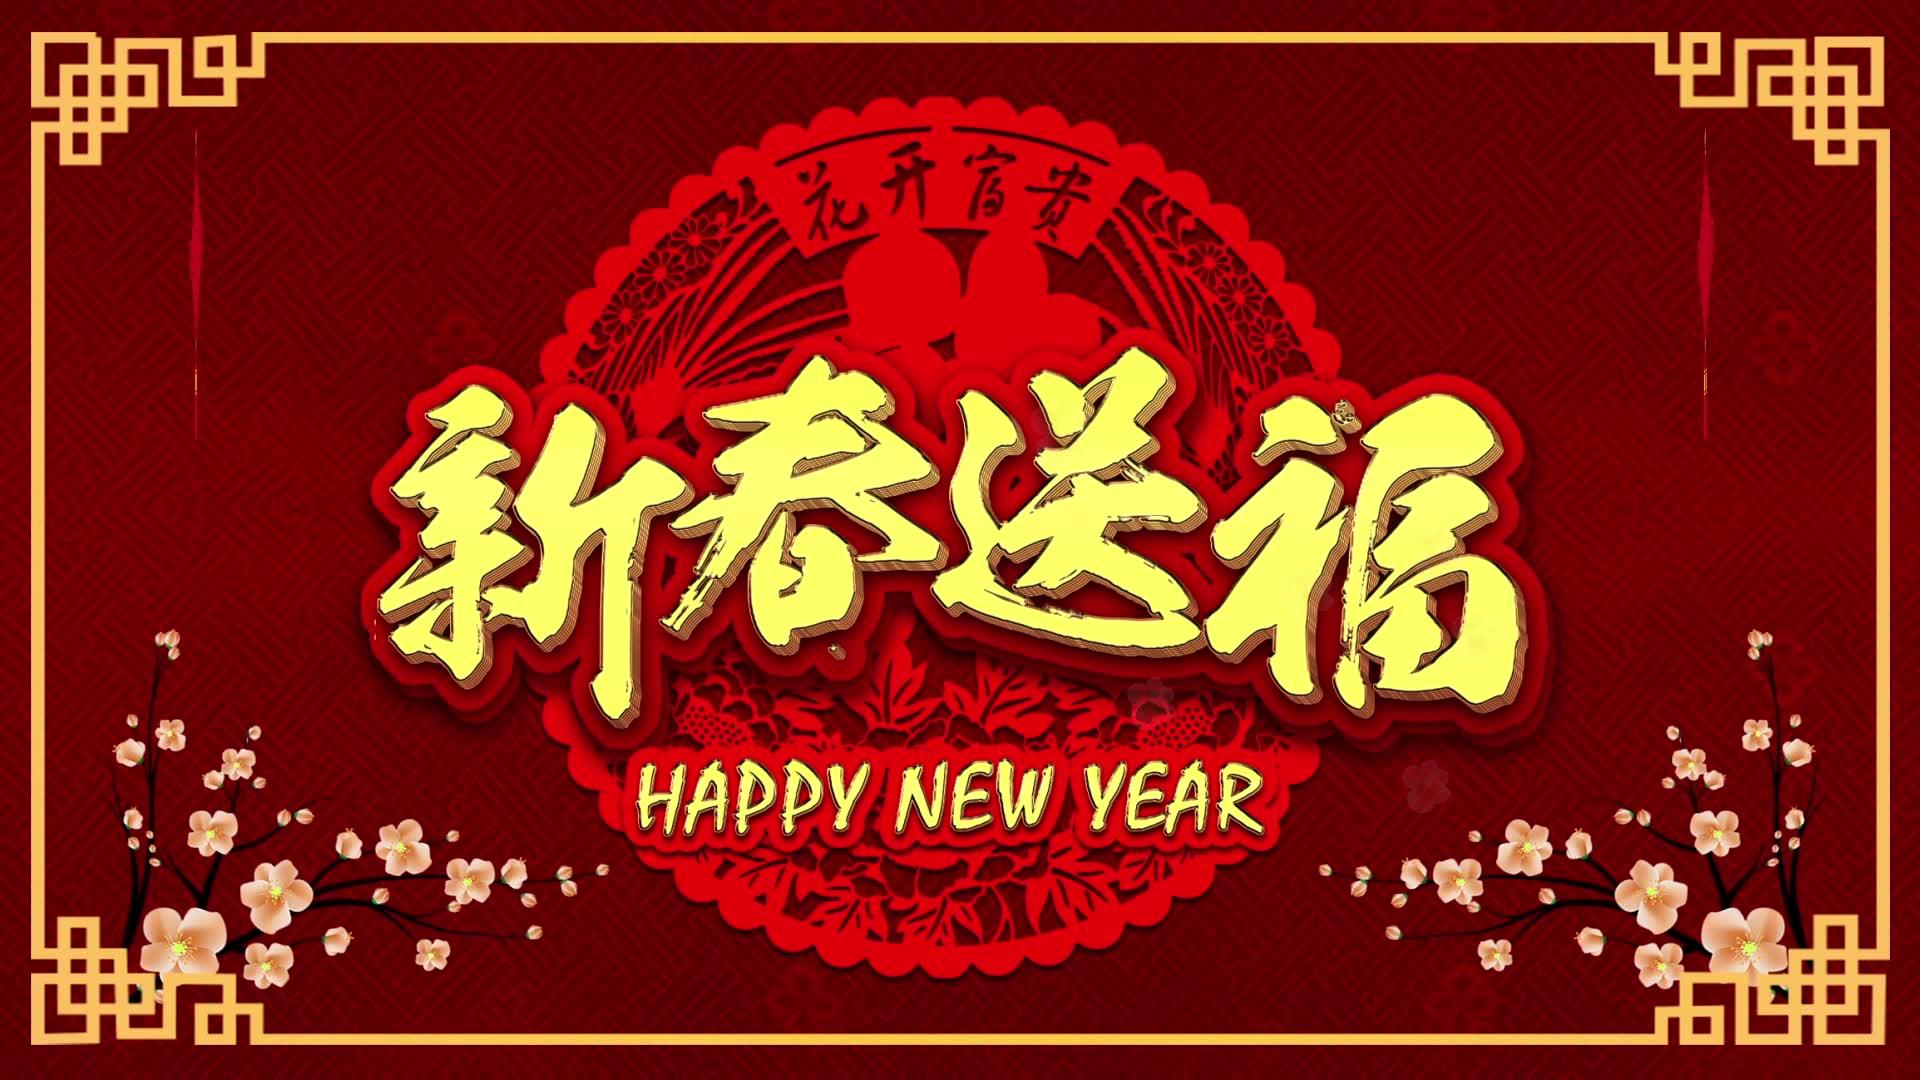 惠州市纳森货架设备有限公司祝大家牛年大吉、健康平安!